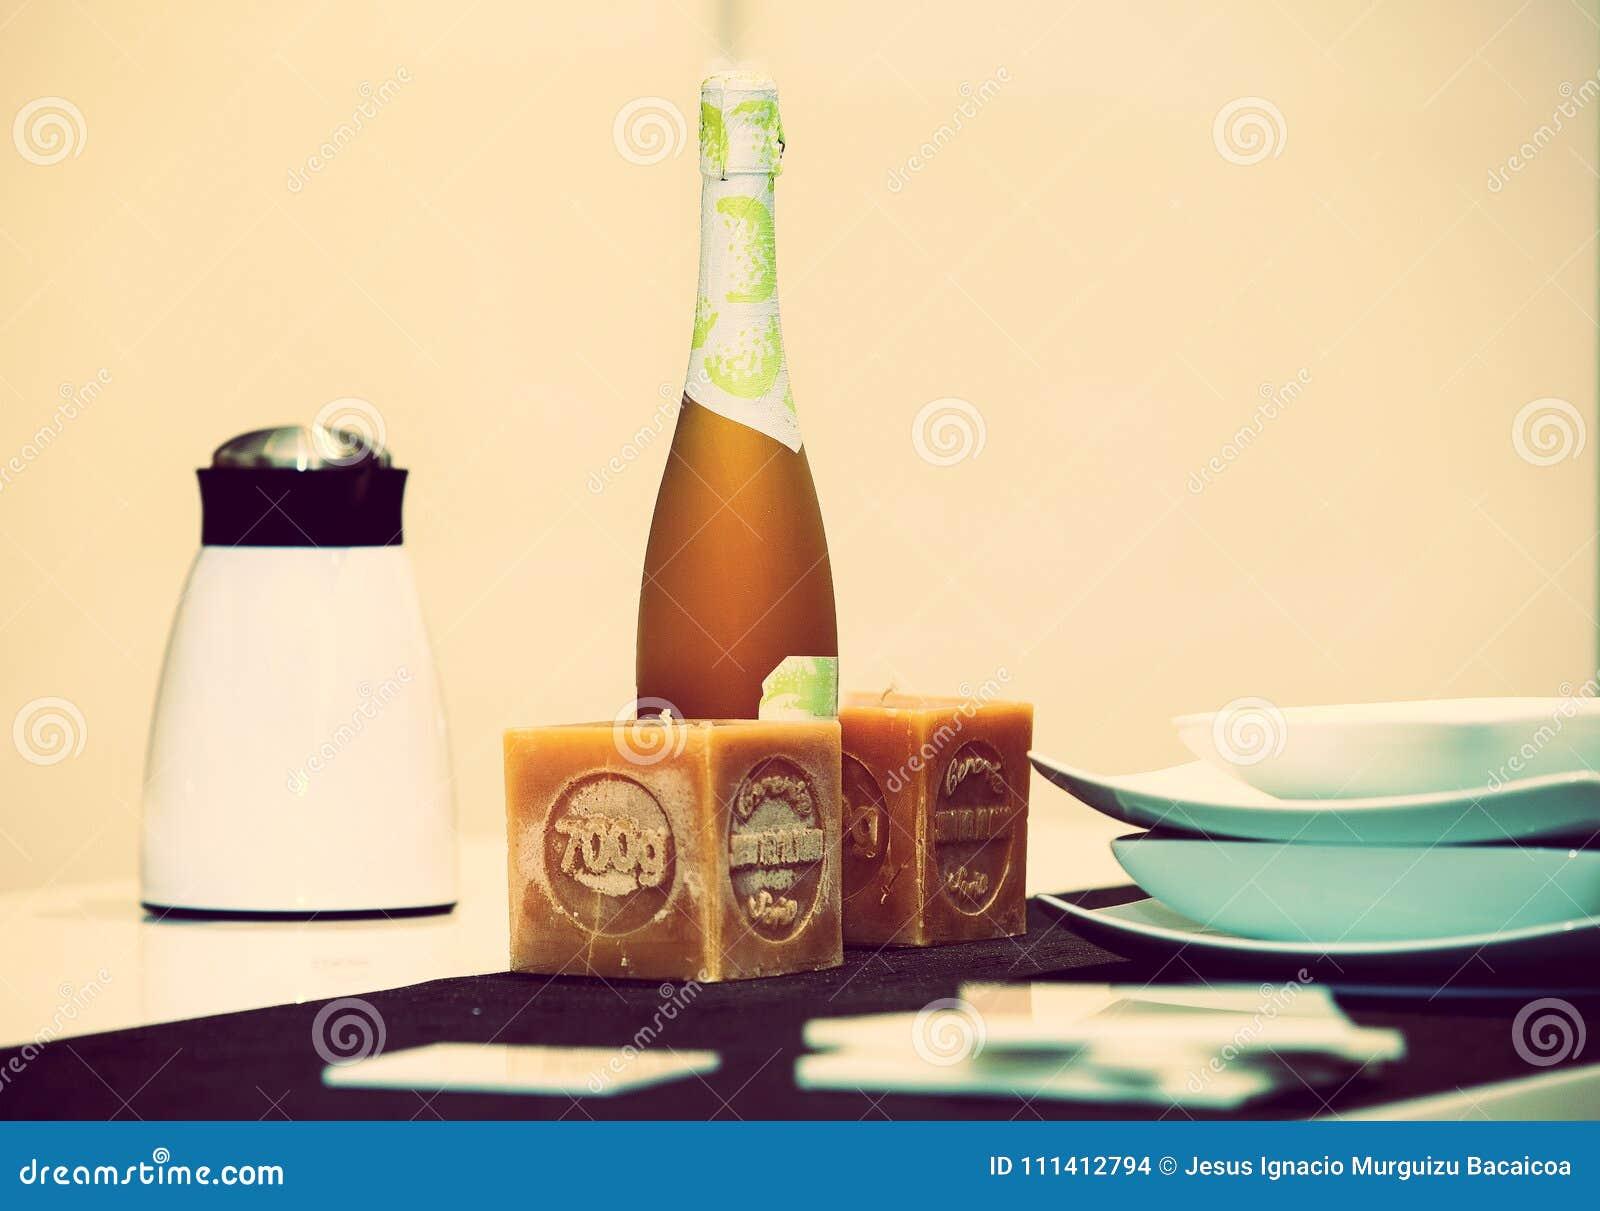 Detalj av en tabell med häverten, kaffemaskin, flaska av vin 5